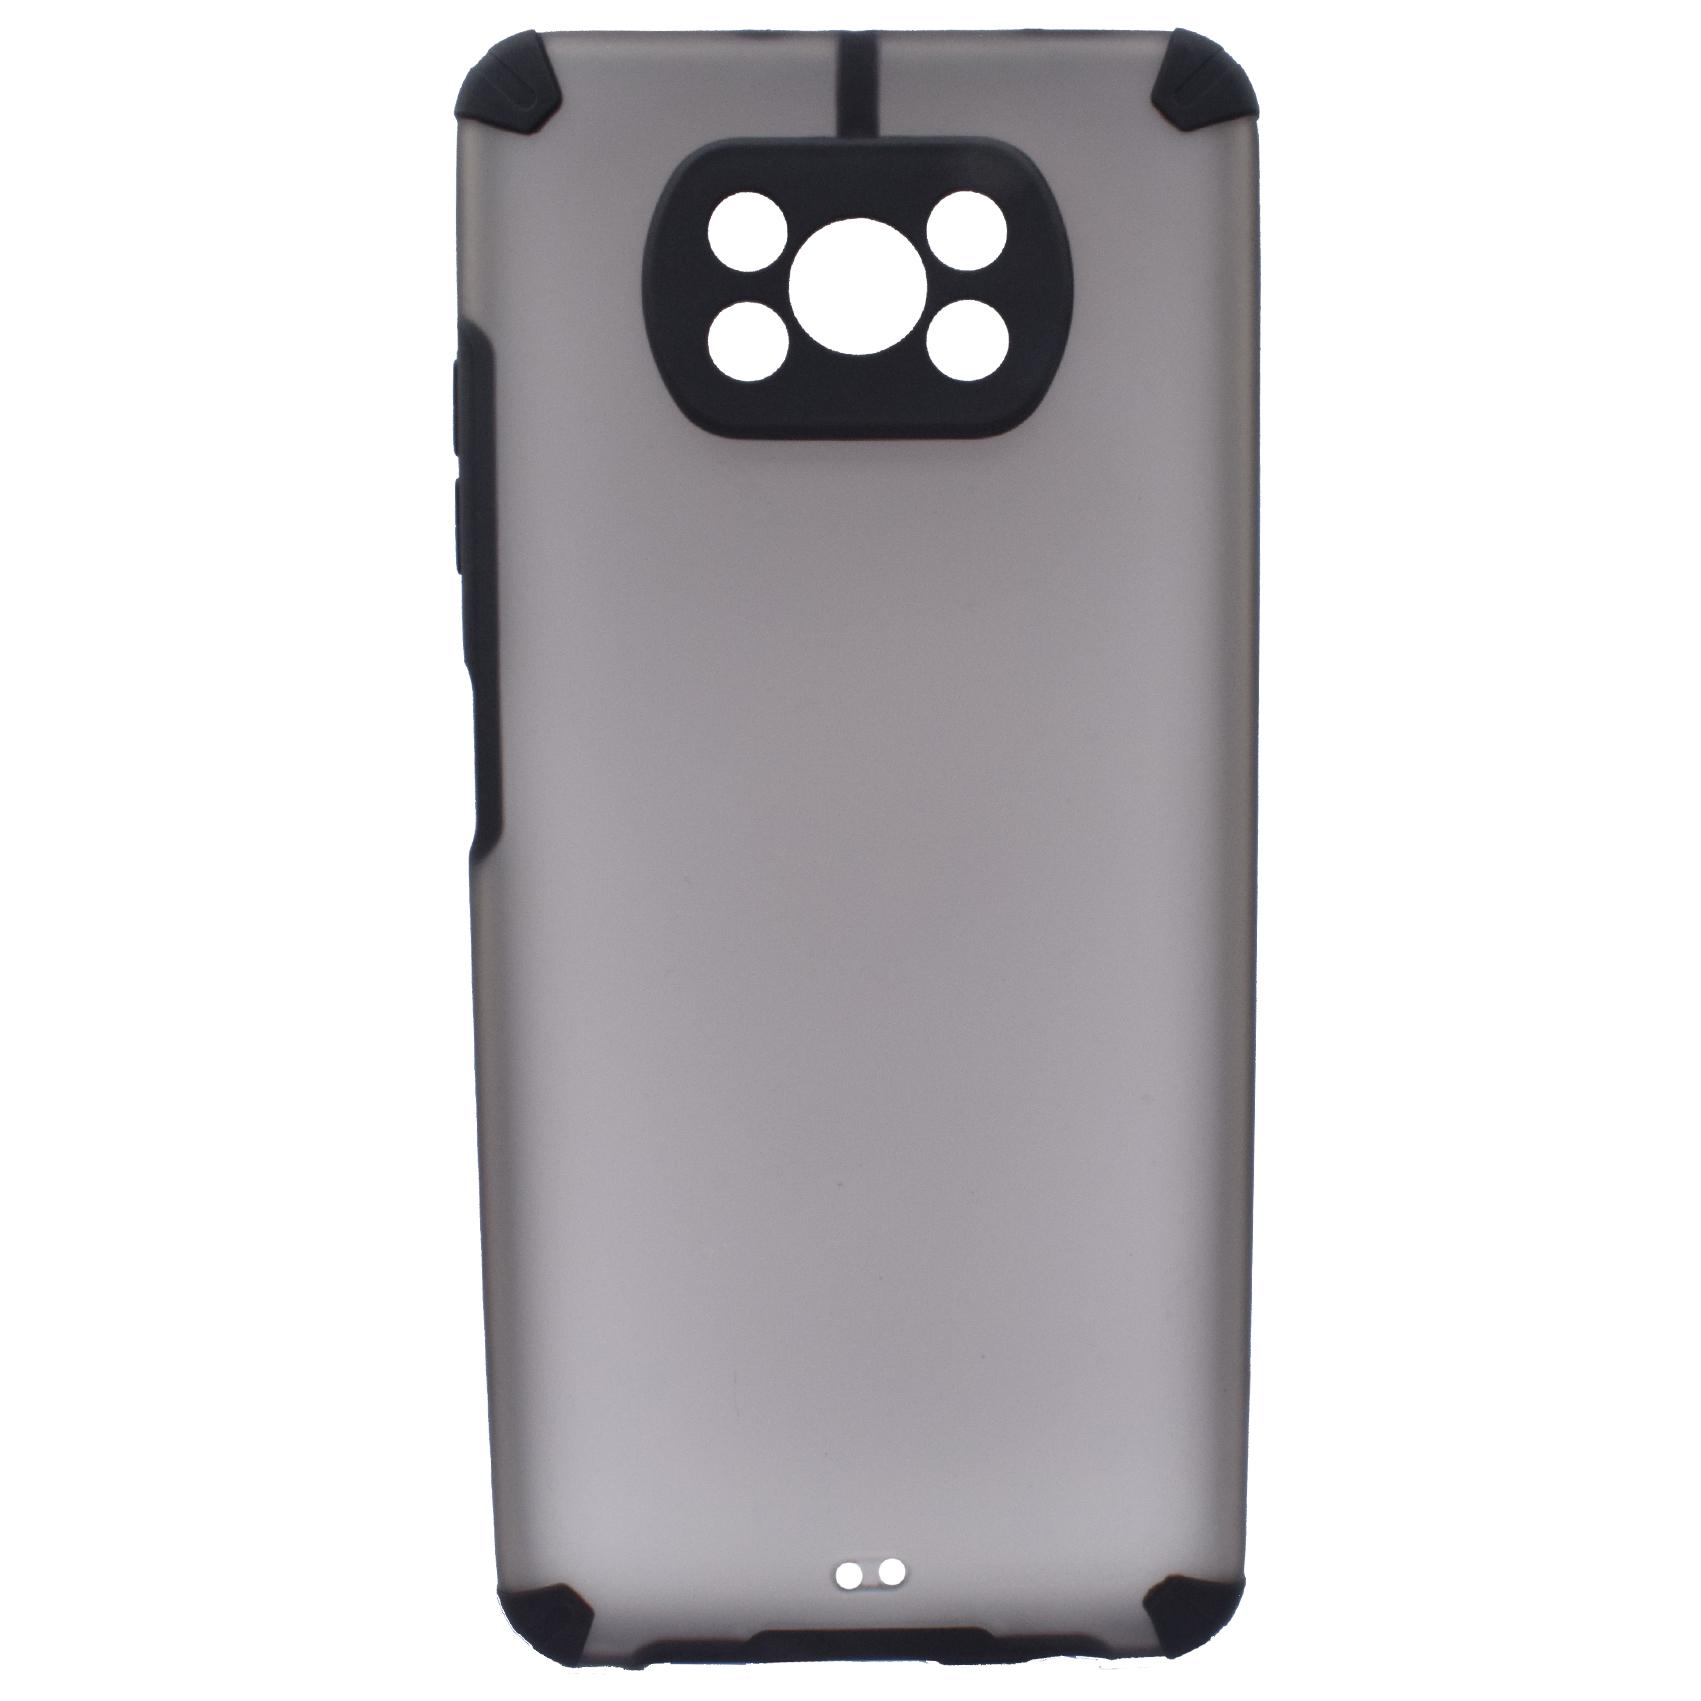 بررسی و {خرید با تخفیف} کاور مدل MBC2 مناسب برای گوشی موبایل شیائومی Poco x3 اصل